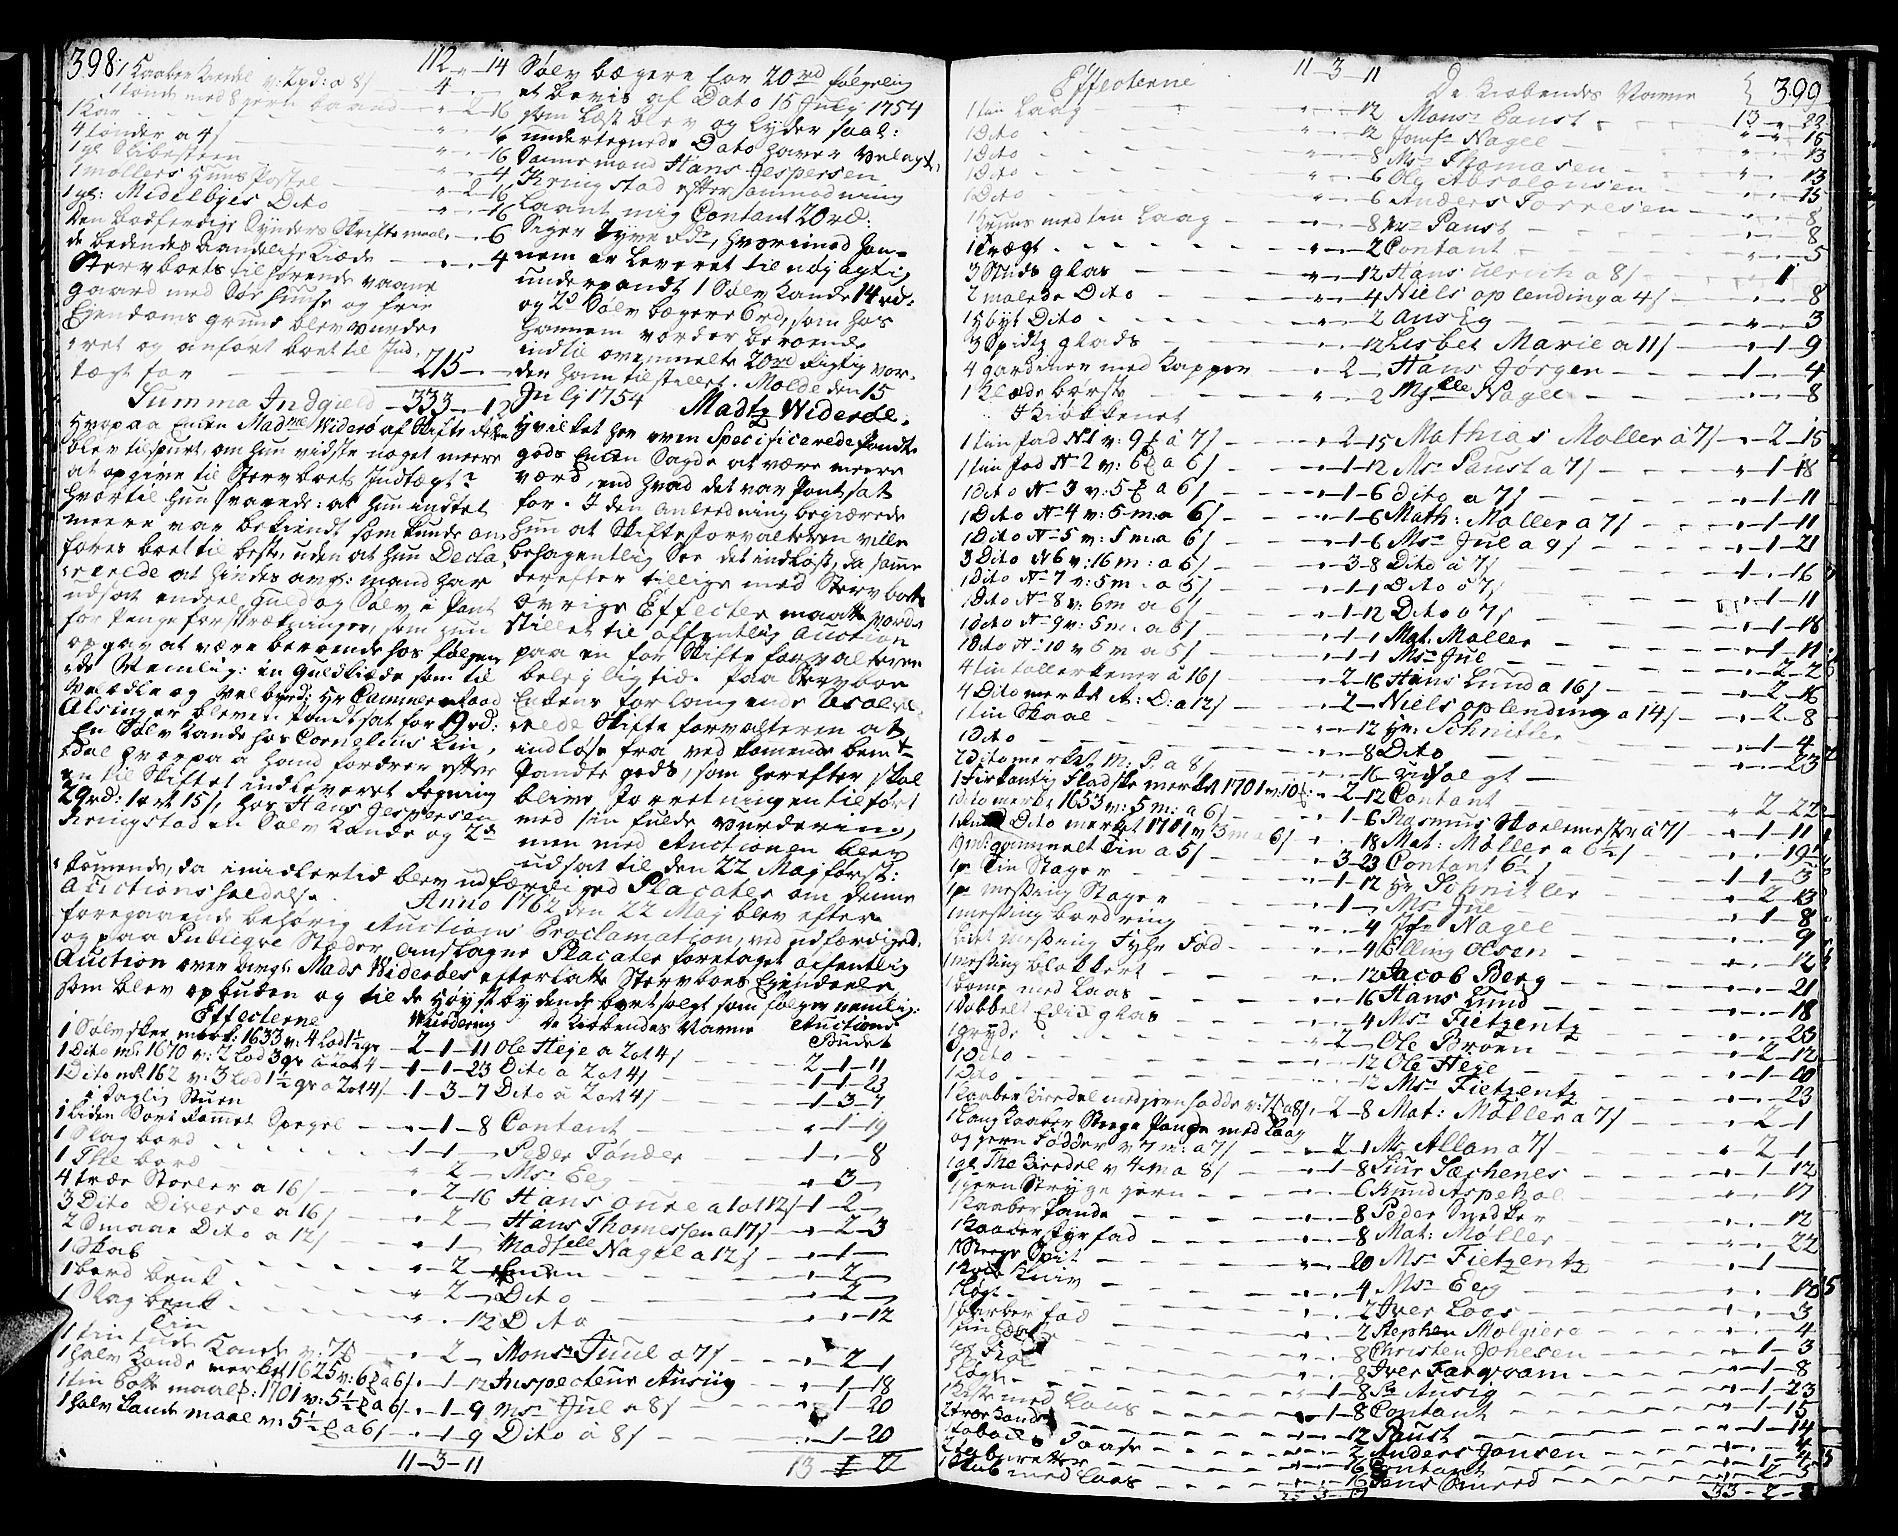 SAT, Molde byfogd, 3/3Aa/L0001: Skifteprotokoll, 1748-1768, s. 398-399